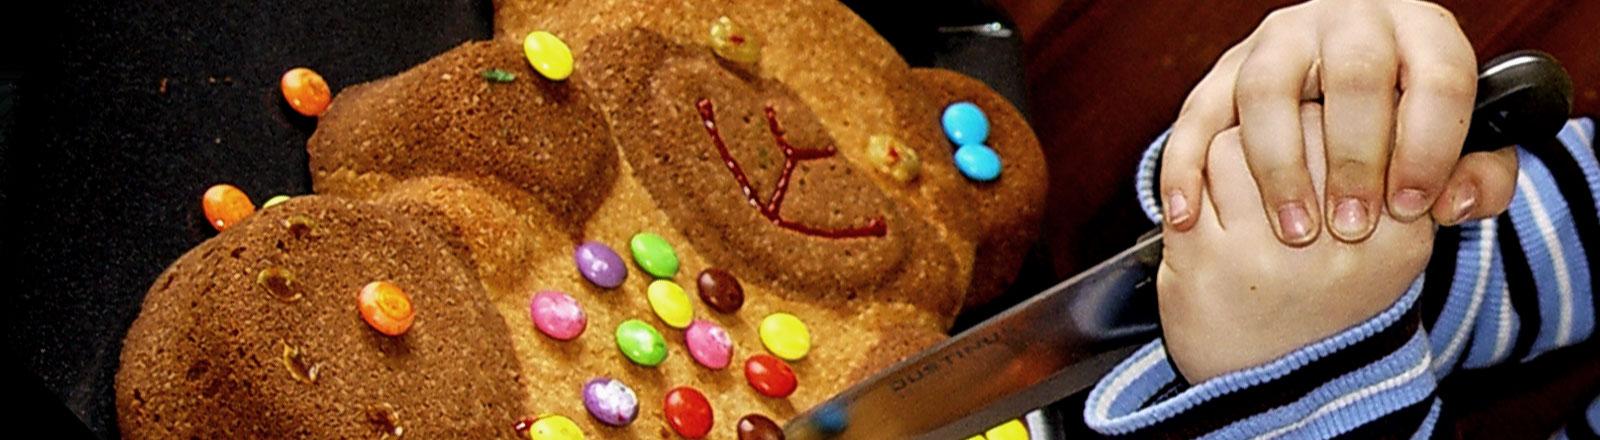 """Ein Geburtstagskuchen in der Form eines Teddybären wird von einem Messer """"erstochen""""."""